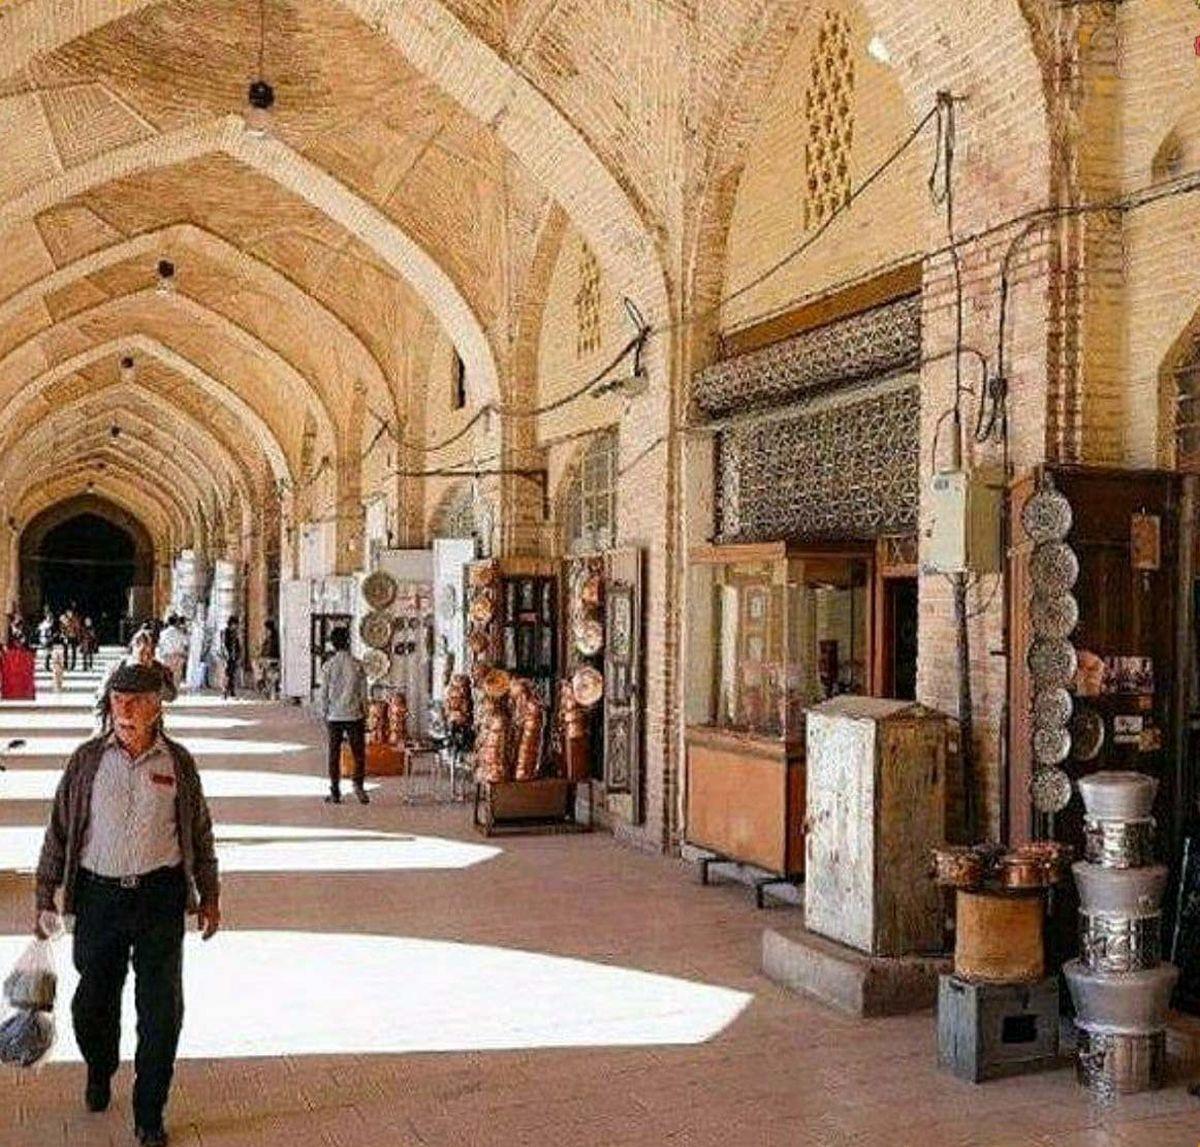 بزرگترین راسته بازار ایران کجاست؟